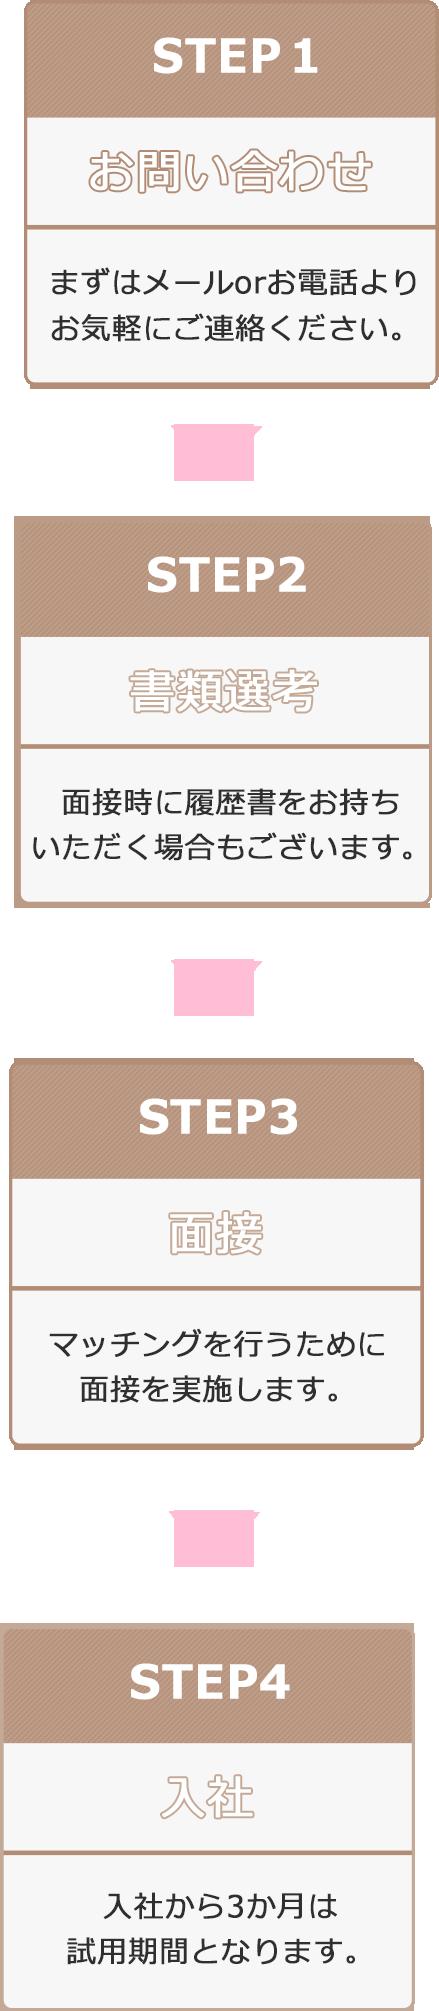 ステップ1、お問い合わせ。ステップ2、書類選考。ステップ3、面接。ステップ4、入社